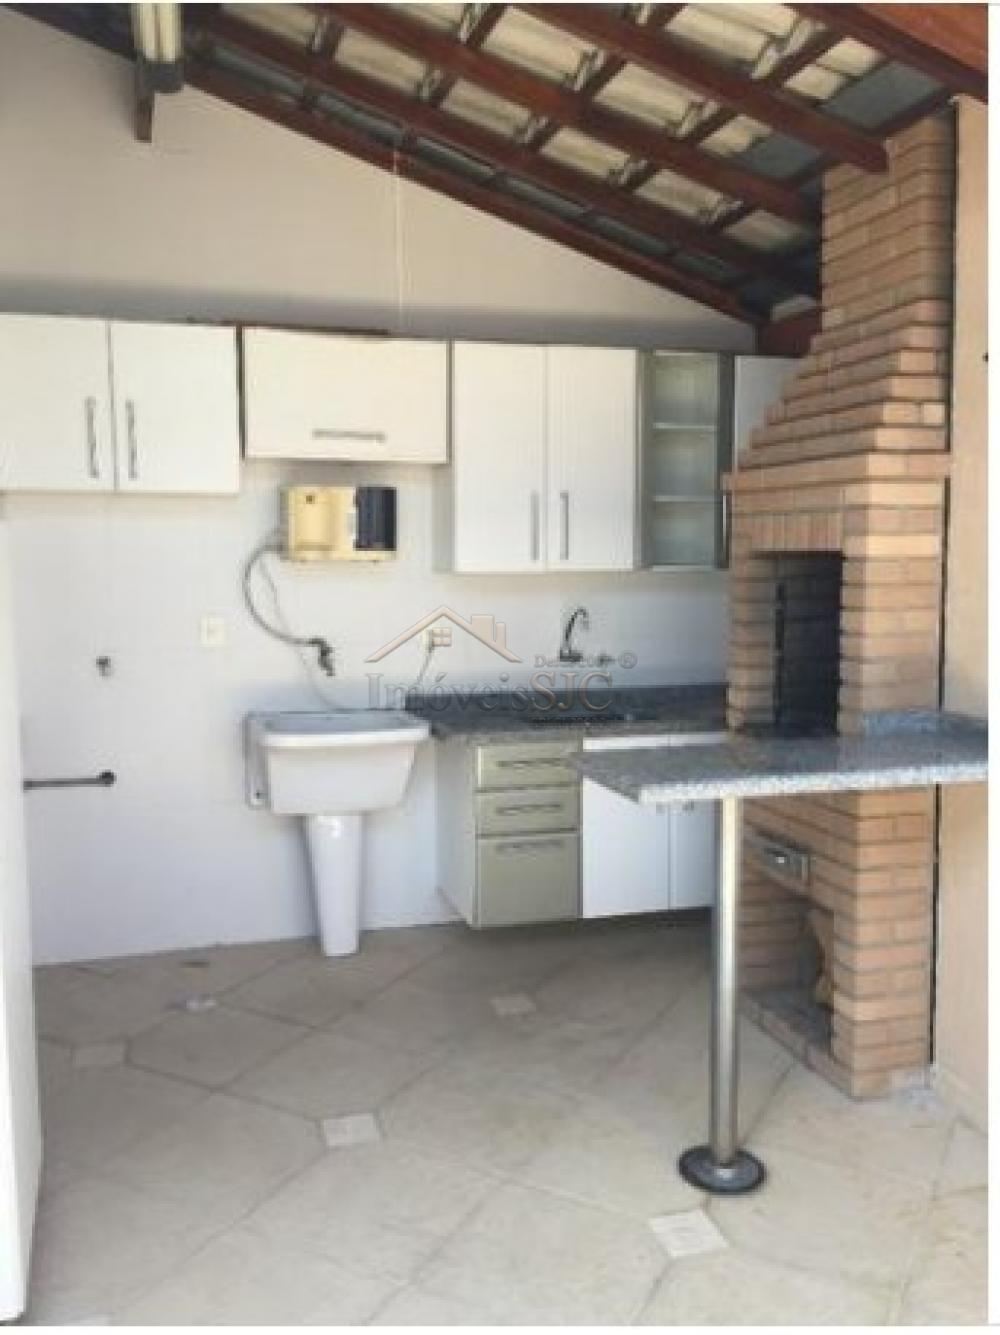 Alugar Apartamentos / Cobertura em São José dos Campos apenas R$ 1.700,00 - Foto 6